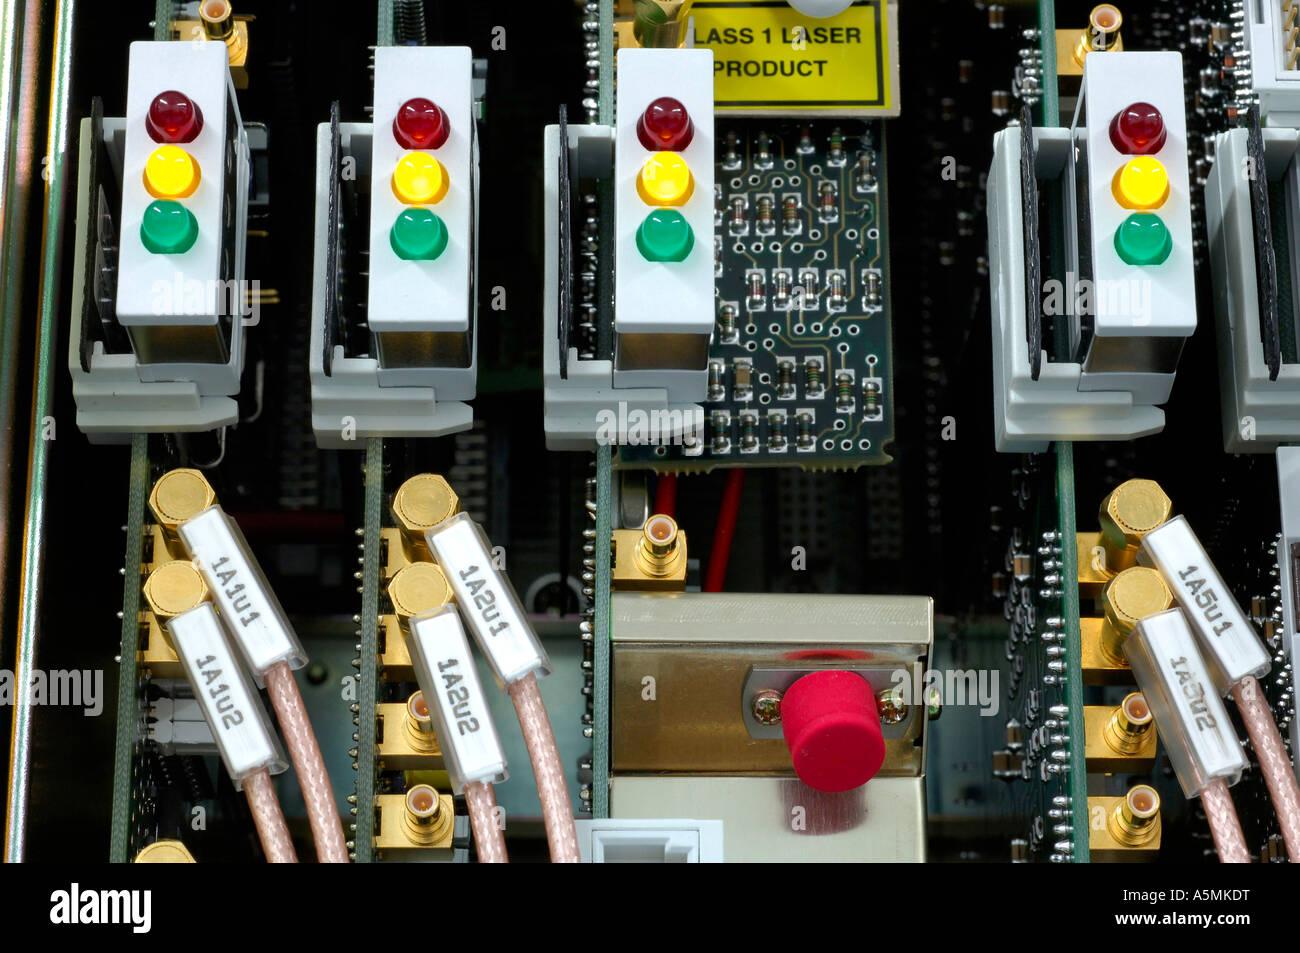 Netzwerktechnik Strom Elektronik Kabel Stecker Buchse LED Lampe Laempchen Computernetwork Netzwerk Kommunikation Stockbild